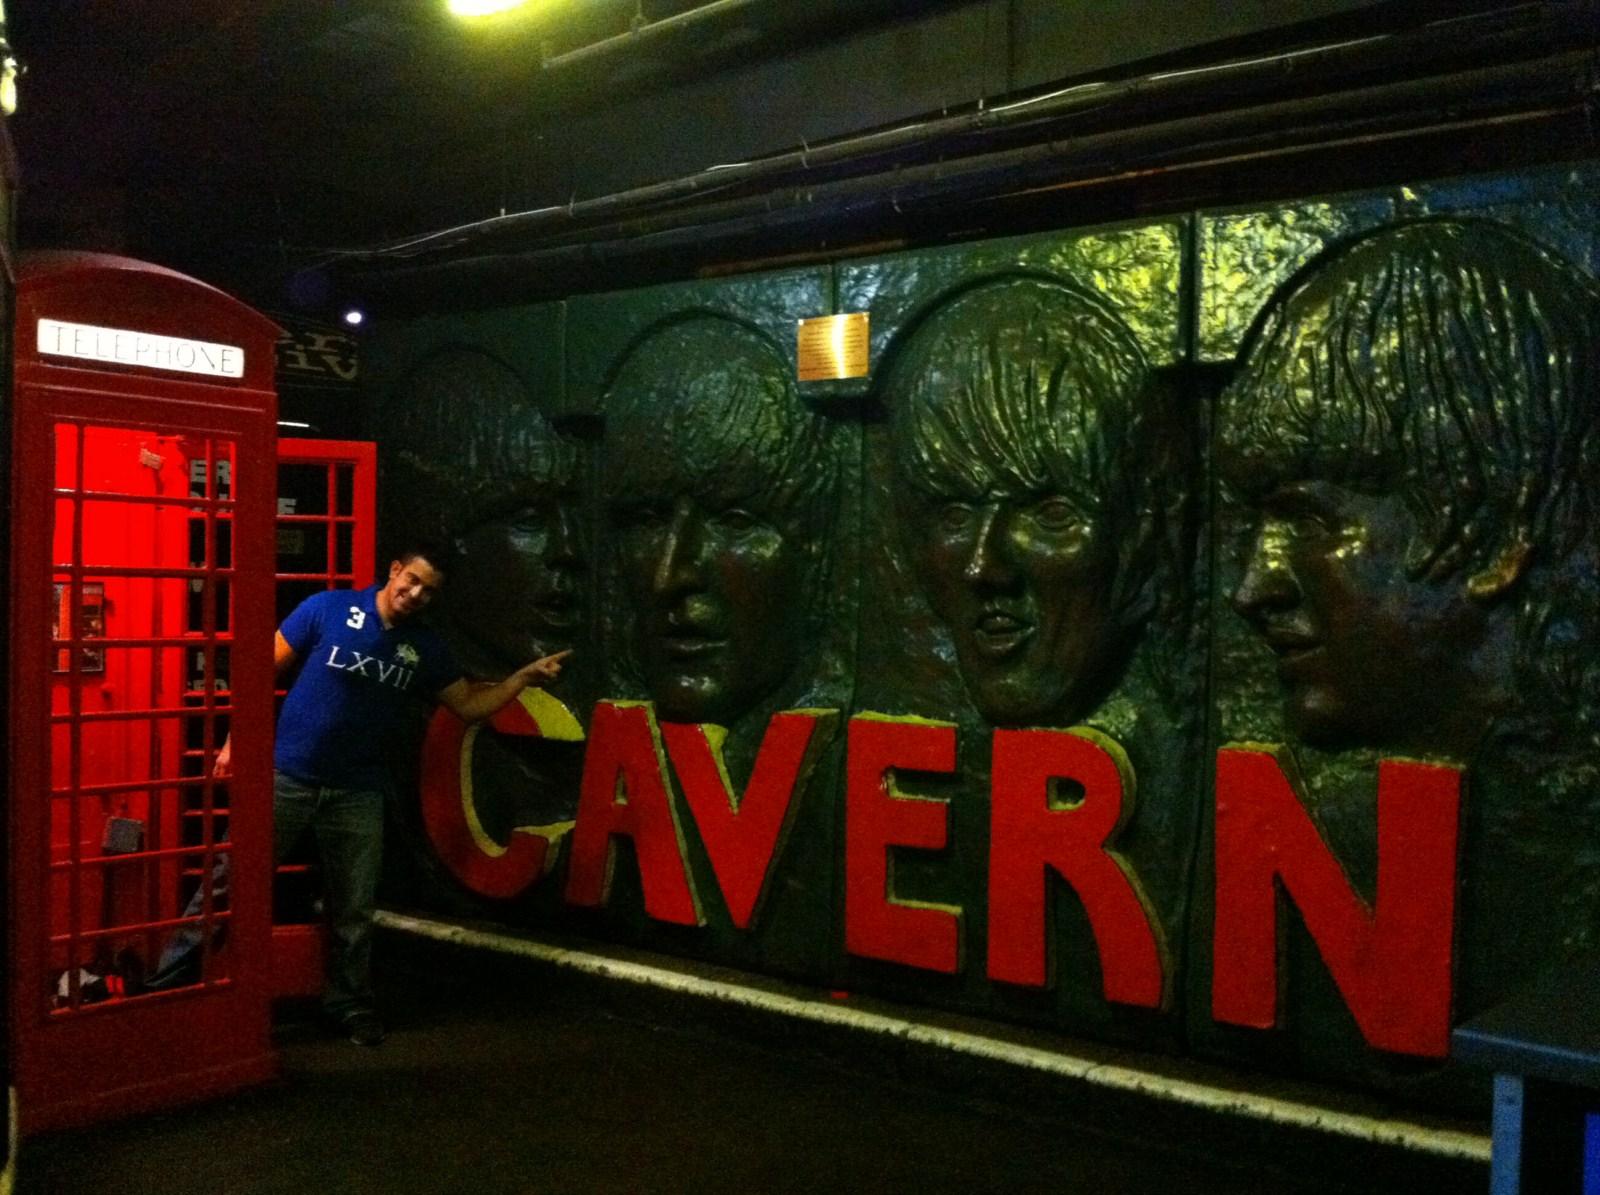 Ruta de los Beatles: Interior de The Cavern, aunque éstas caras las quitaron hace un tiempo. ruta de los beatles - 5333139975 5a6d32a394 o - Ruta de los Beatles en Liverpool